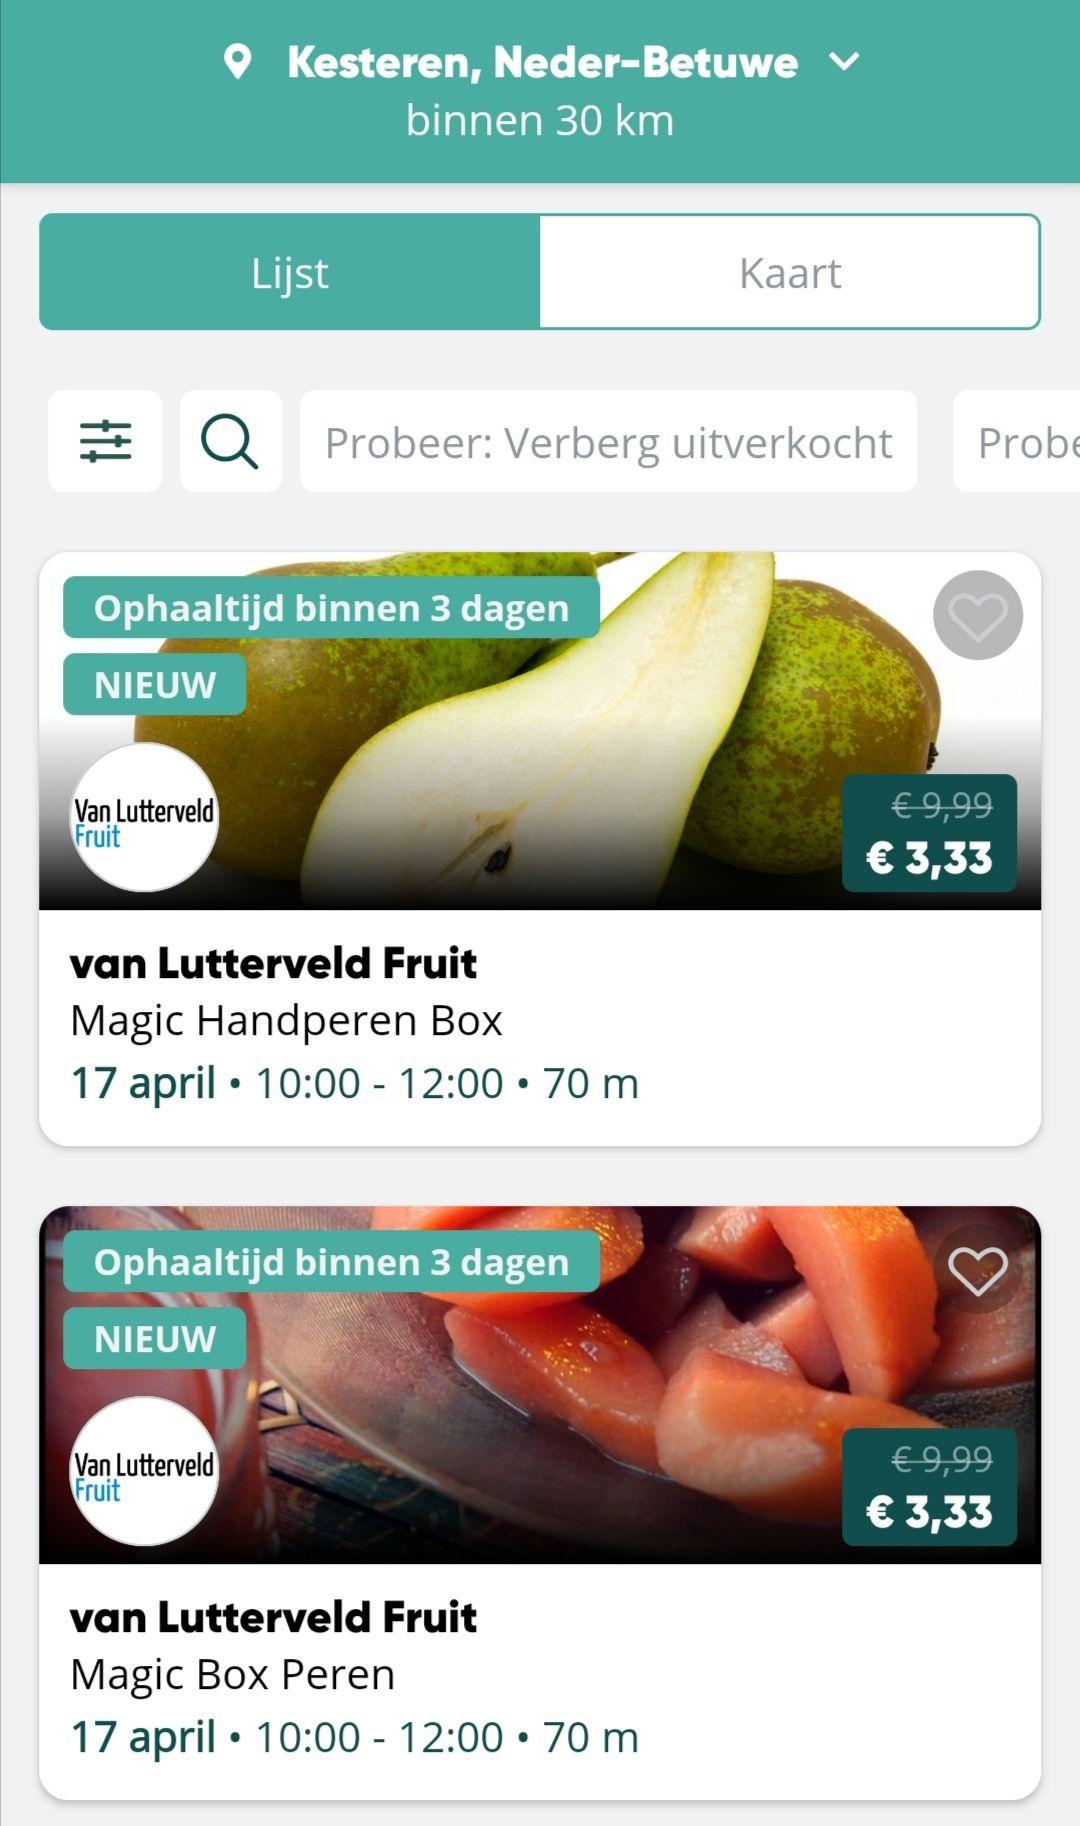 5 kilo Stoofperen of Handperen van €9,99 voor €3,33 (via TGTG) ophalen in Kesteren (geniet van de bloeiende boomgaarden)